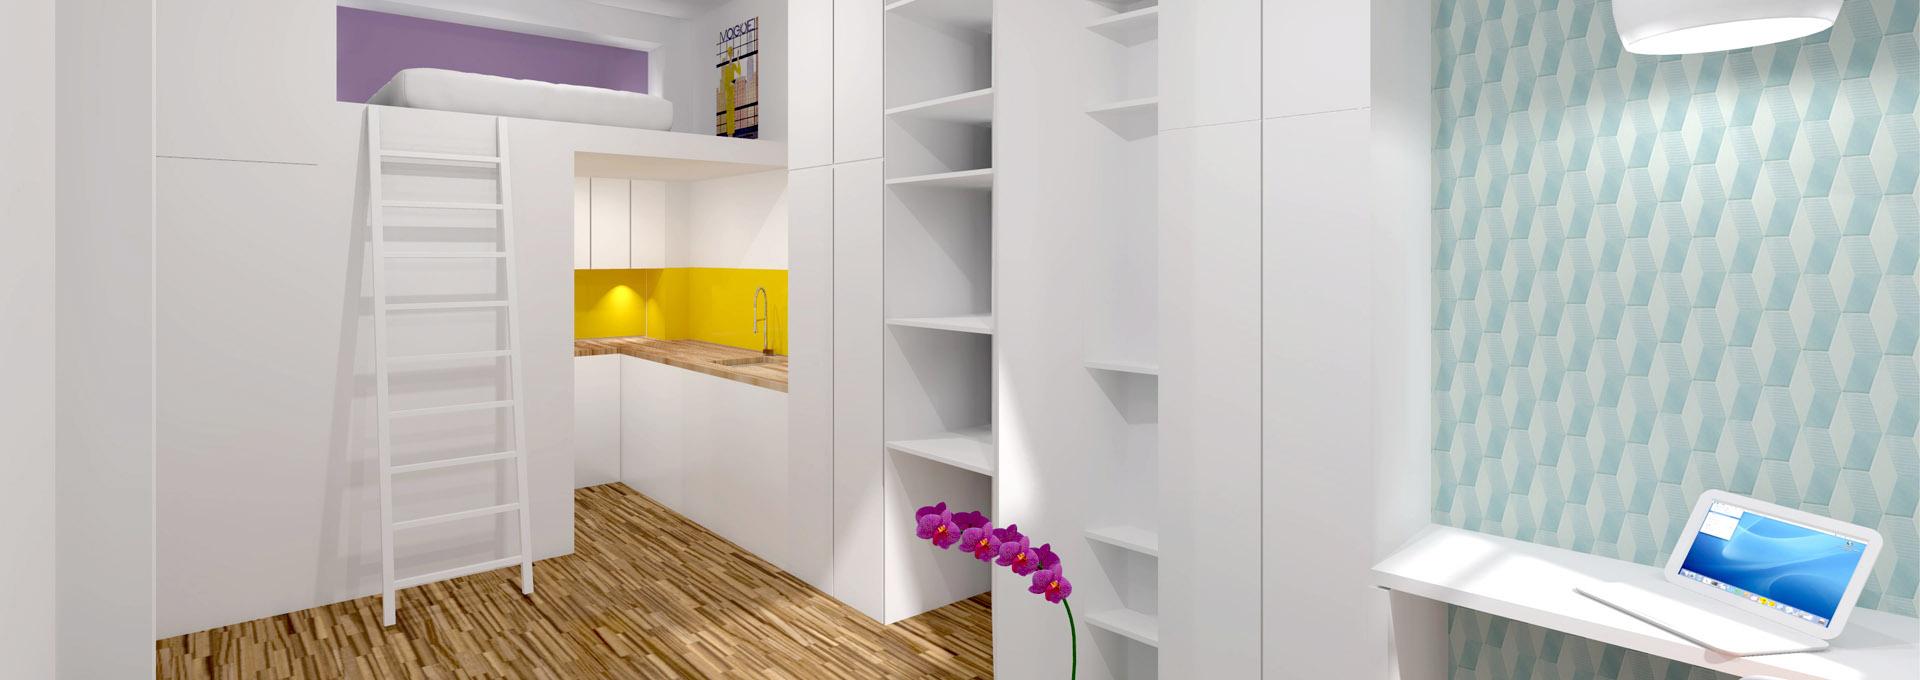 Mezzanine Chambre De Bonne » Astuces de déco chambre moderne ado ...